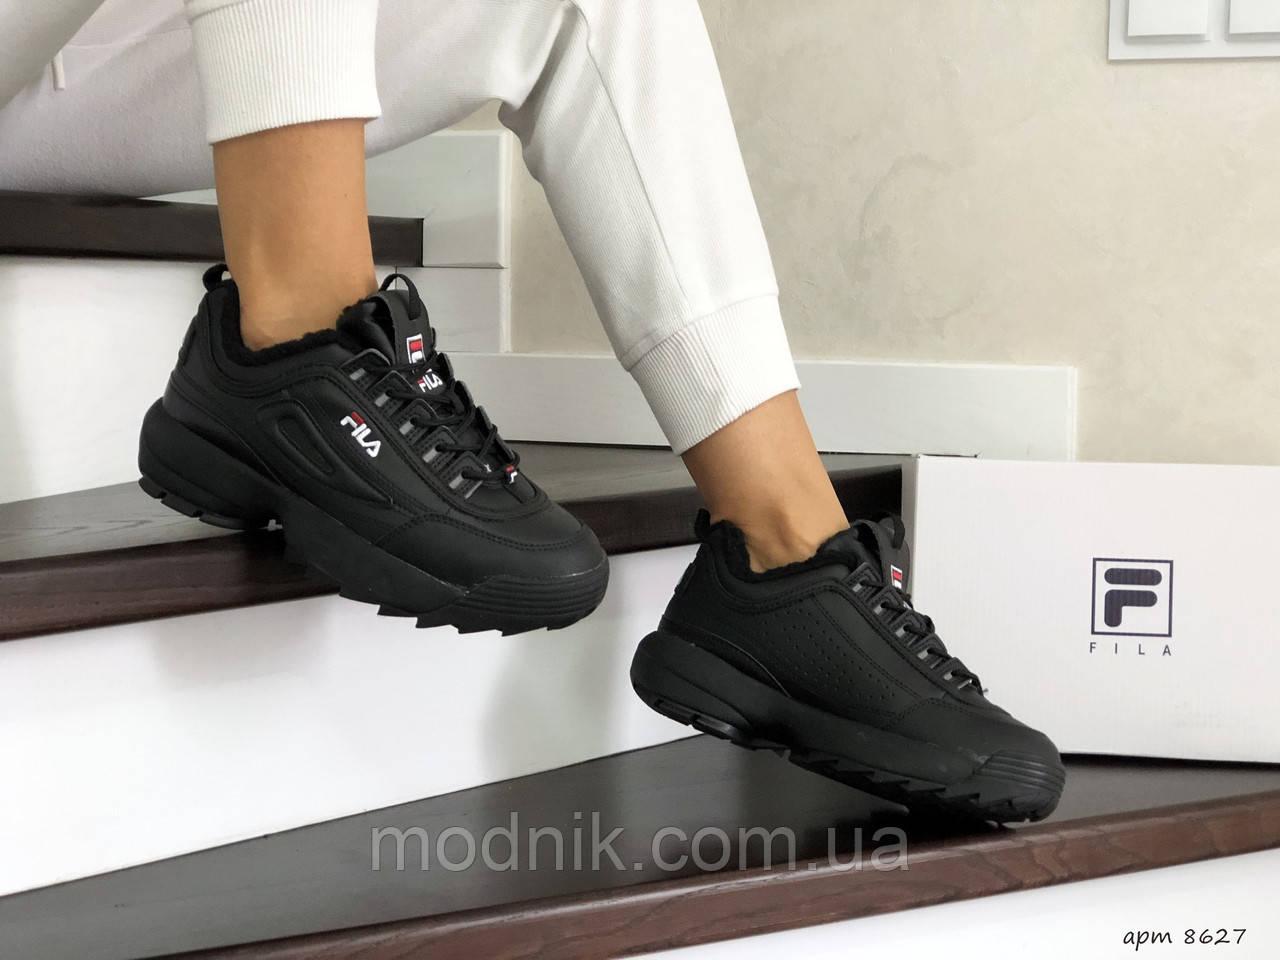 Женские зимние кроссовки Fila (черные)